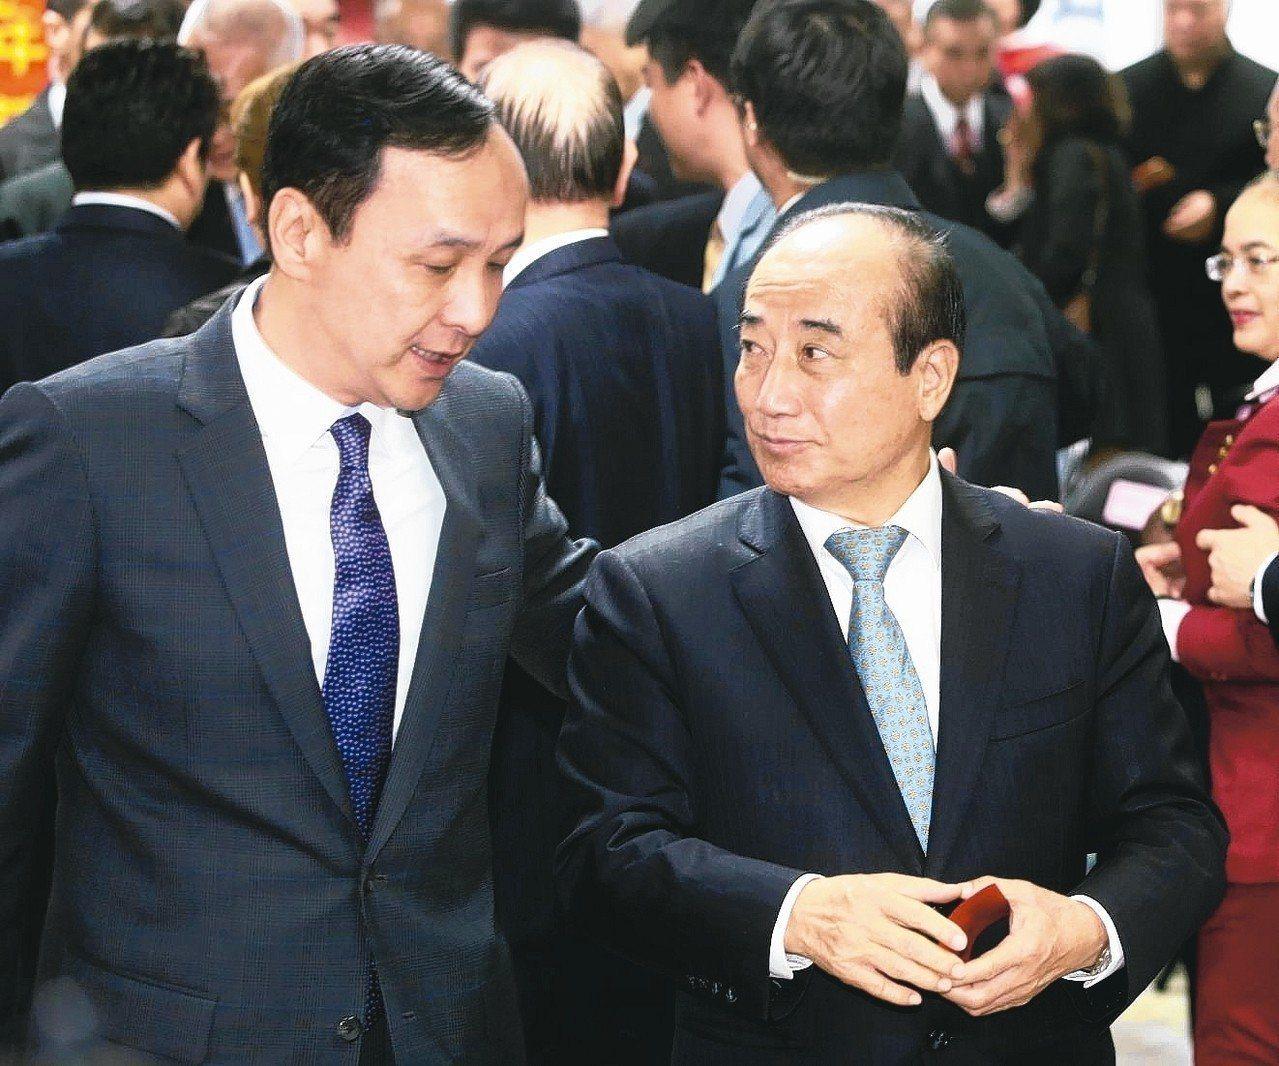 國民黨昨天舉行新春團拜,前主席朱立倫(左)與立法院前院長王金平(右)互動熱絡。 ...